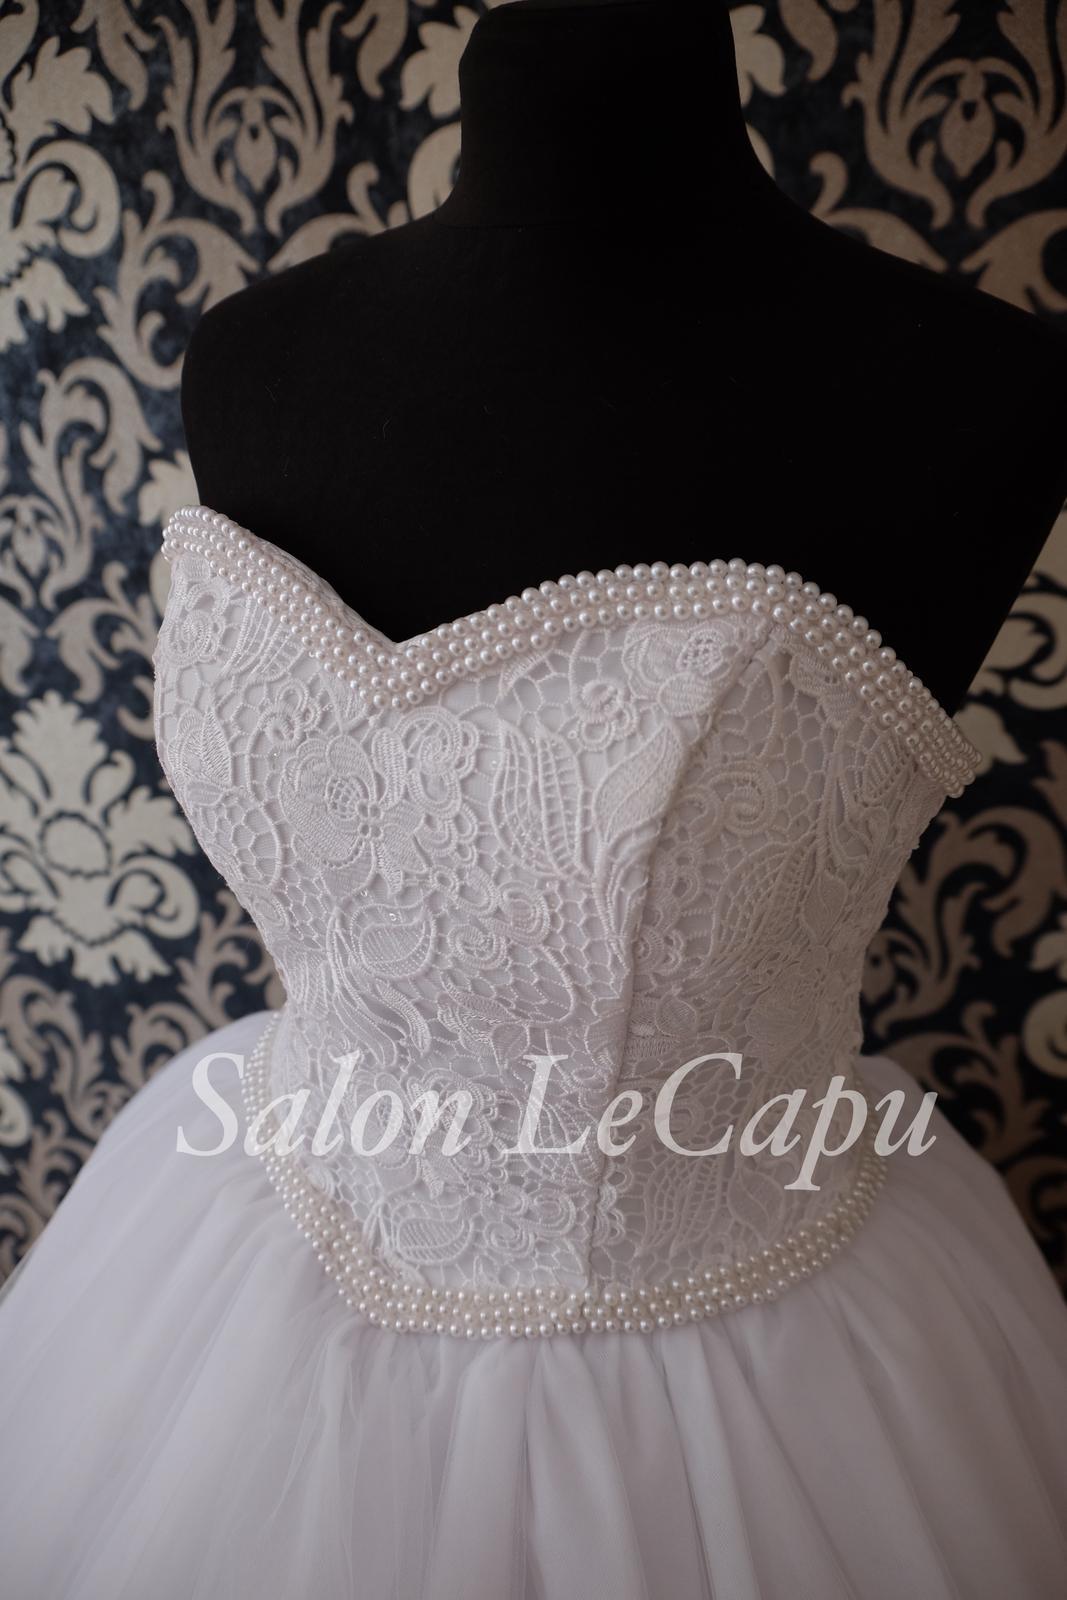 Perličkami zdobené svatební šaty - Obrázek č. 1